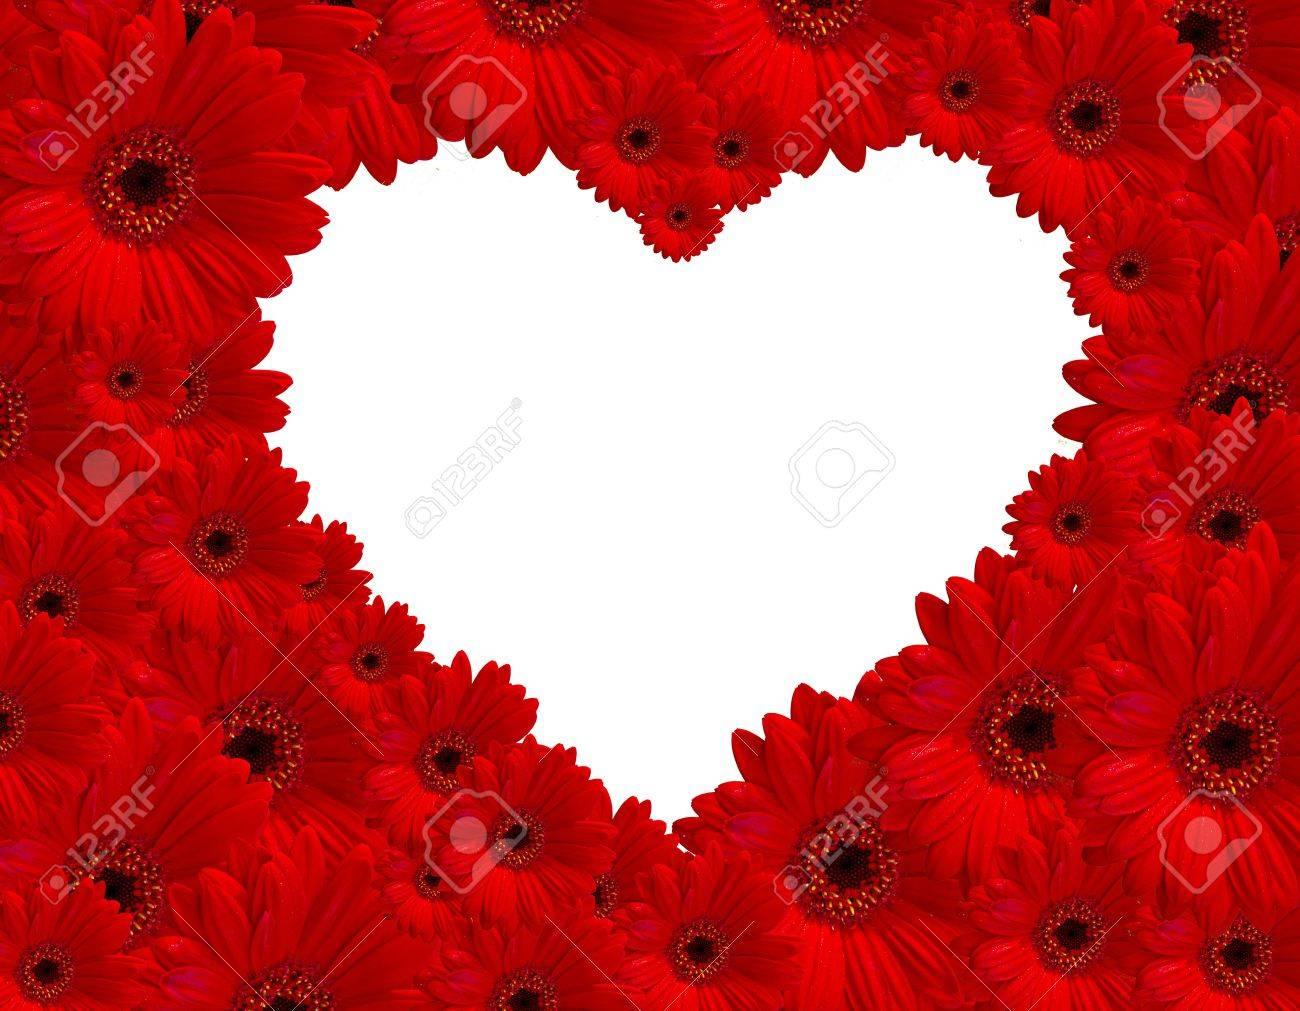 Red De Flores Gerberas Crear Imagenes Del Corazon En El Fondo Blanco